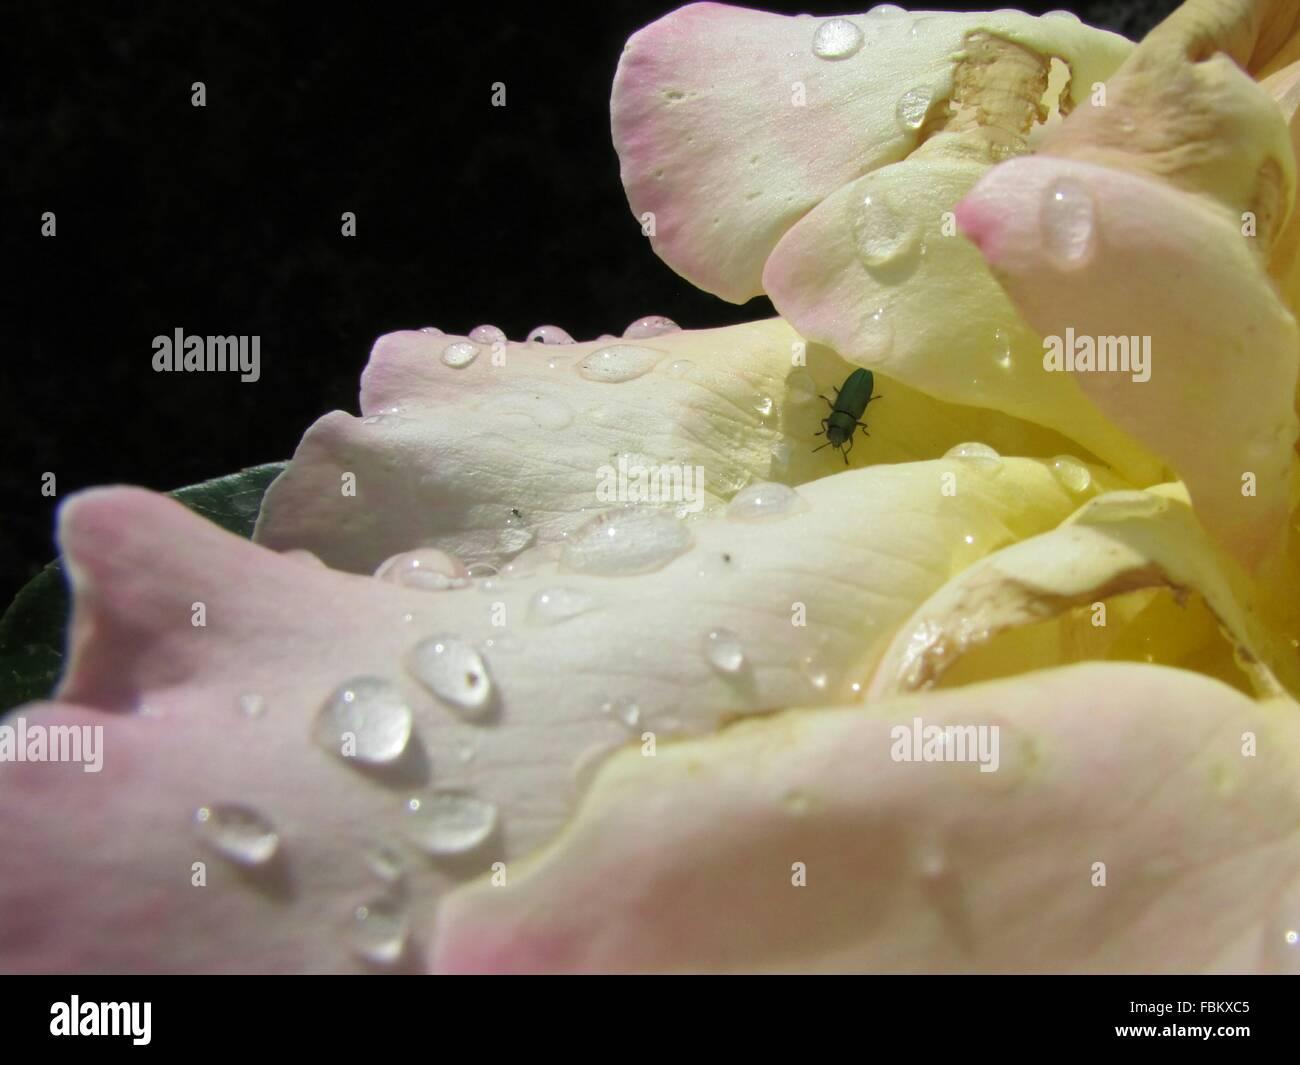 Gouttes d'eau sur une pétale de fleur Photo Stock